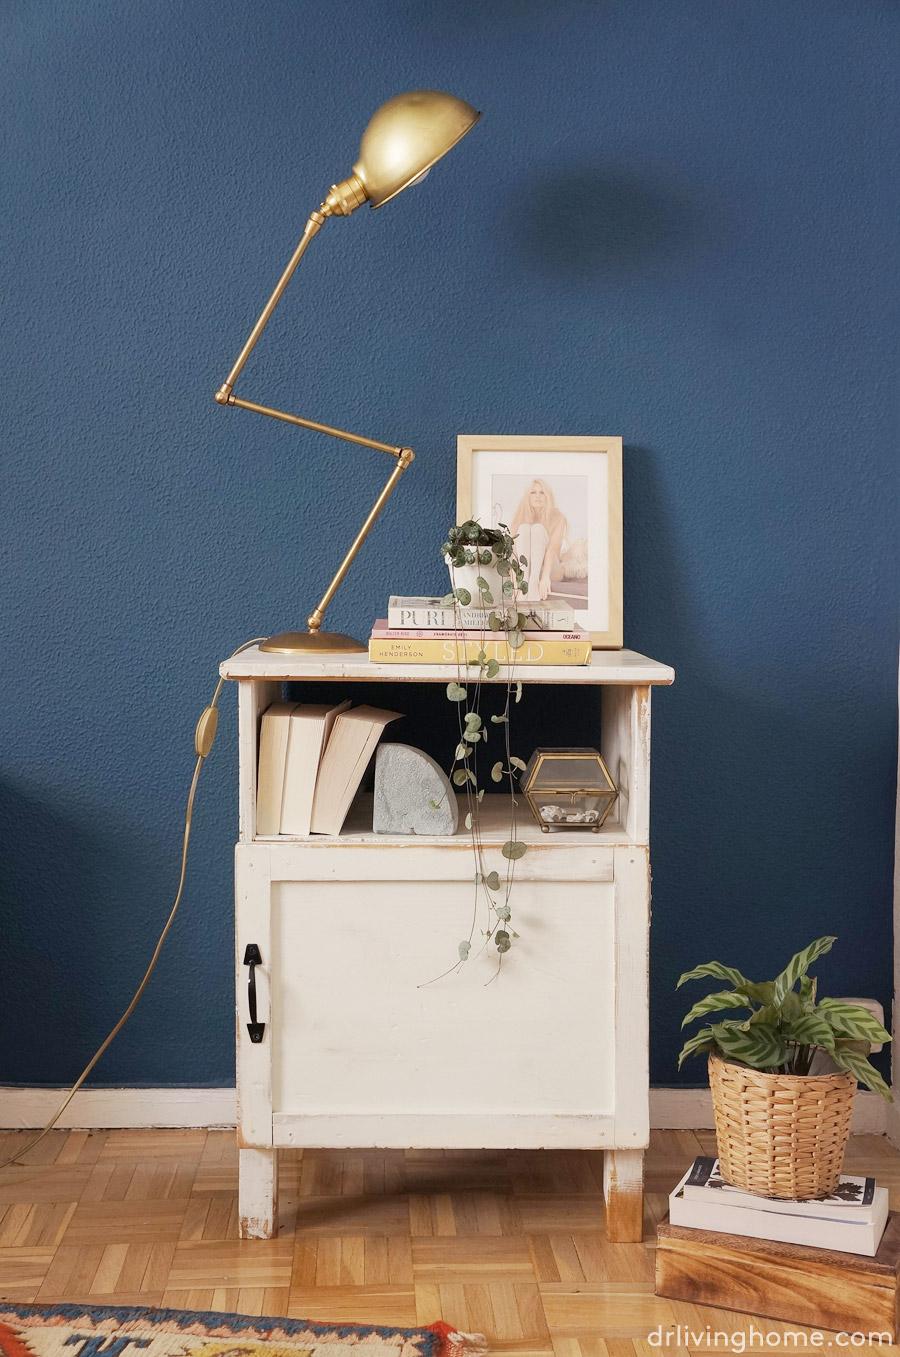 Ikea hack mesilla de noche r stica decoraci n online para tu casa blog decoraci n diy ideas - Lamparas mesillas de noche ...